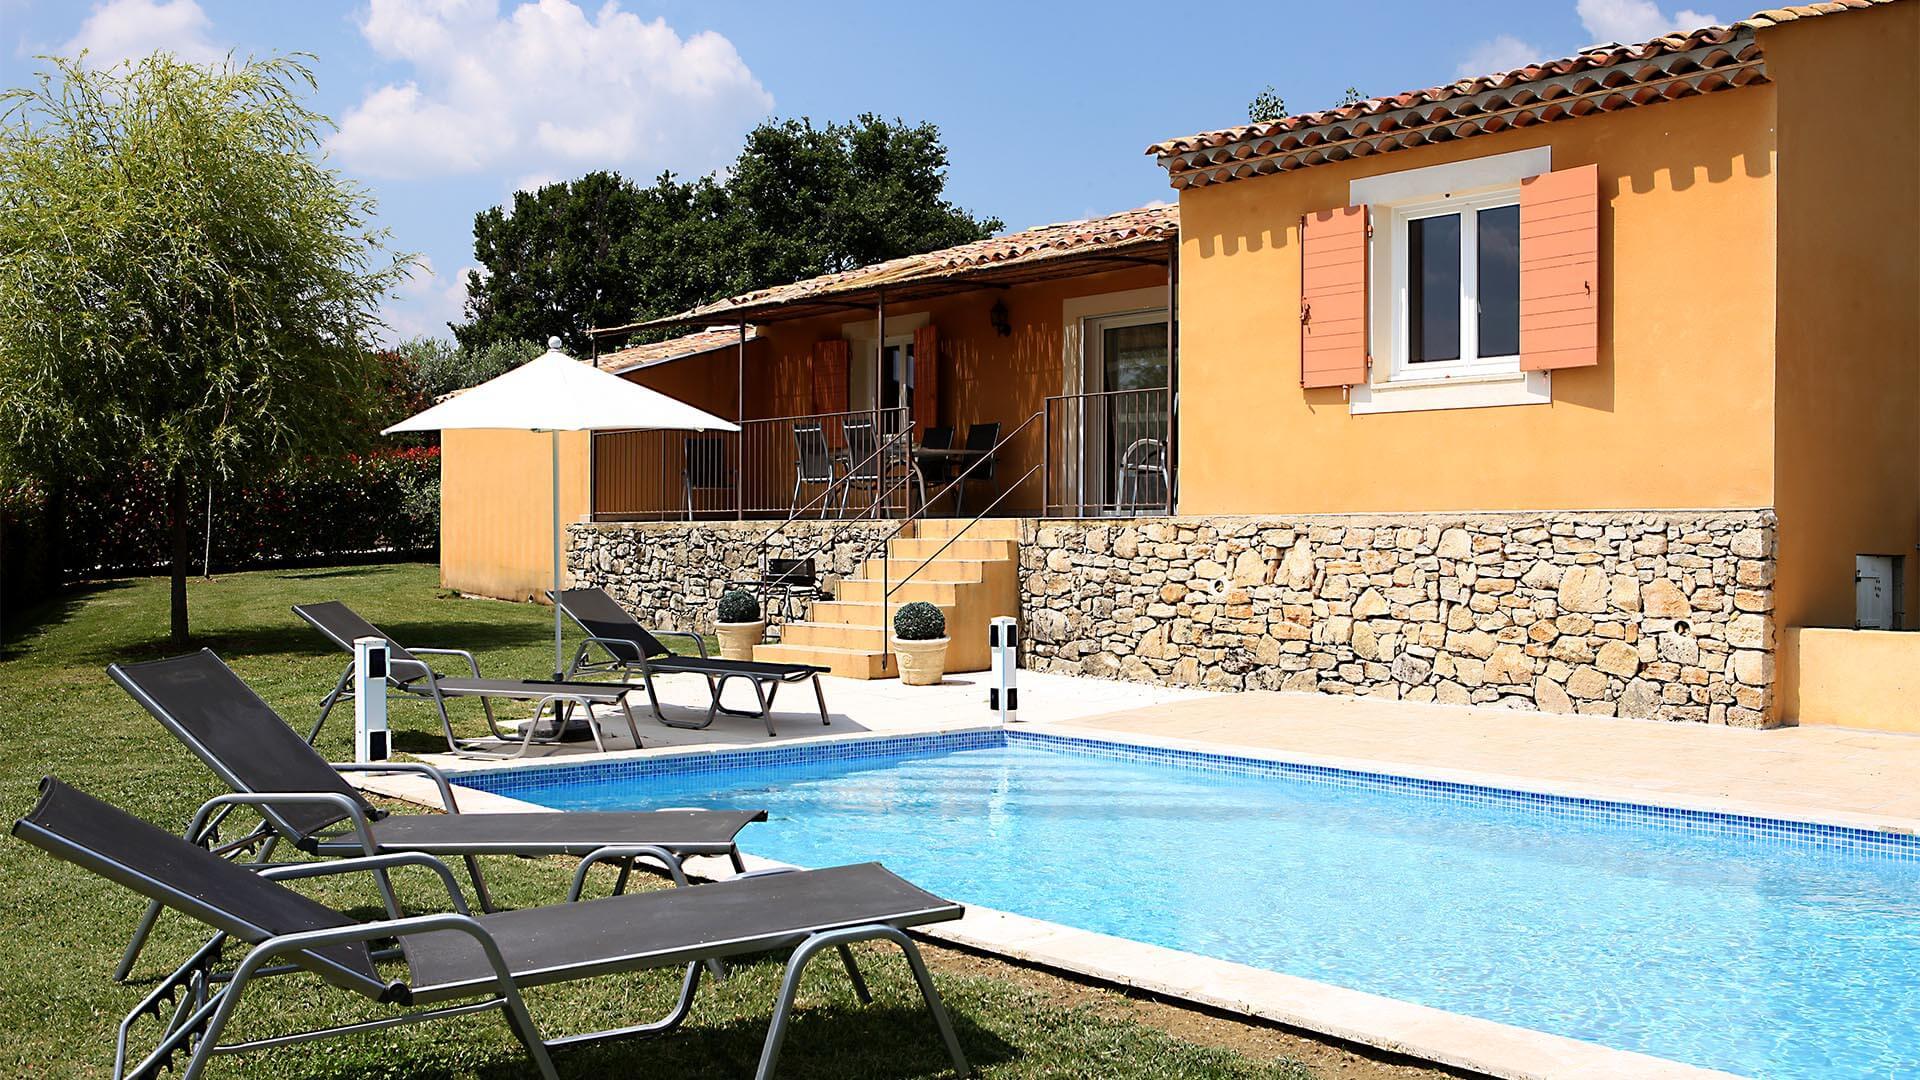 Maison de vacances à louer 04 | Villa les oliviers | Jardin et piscine